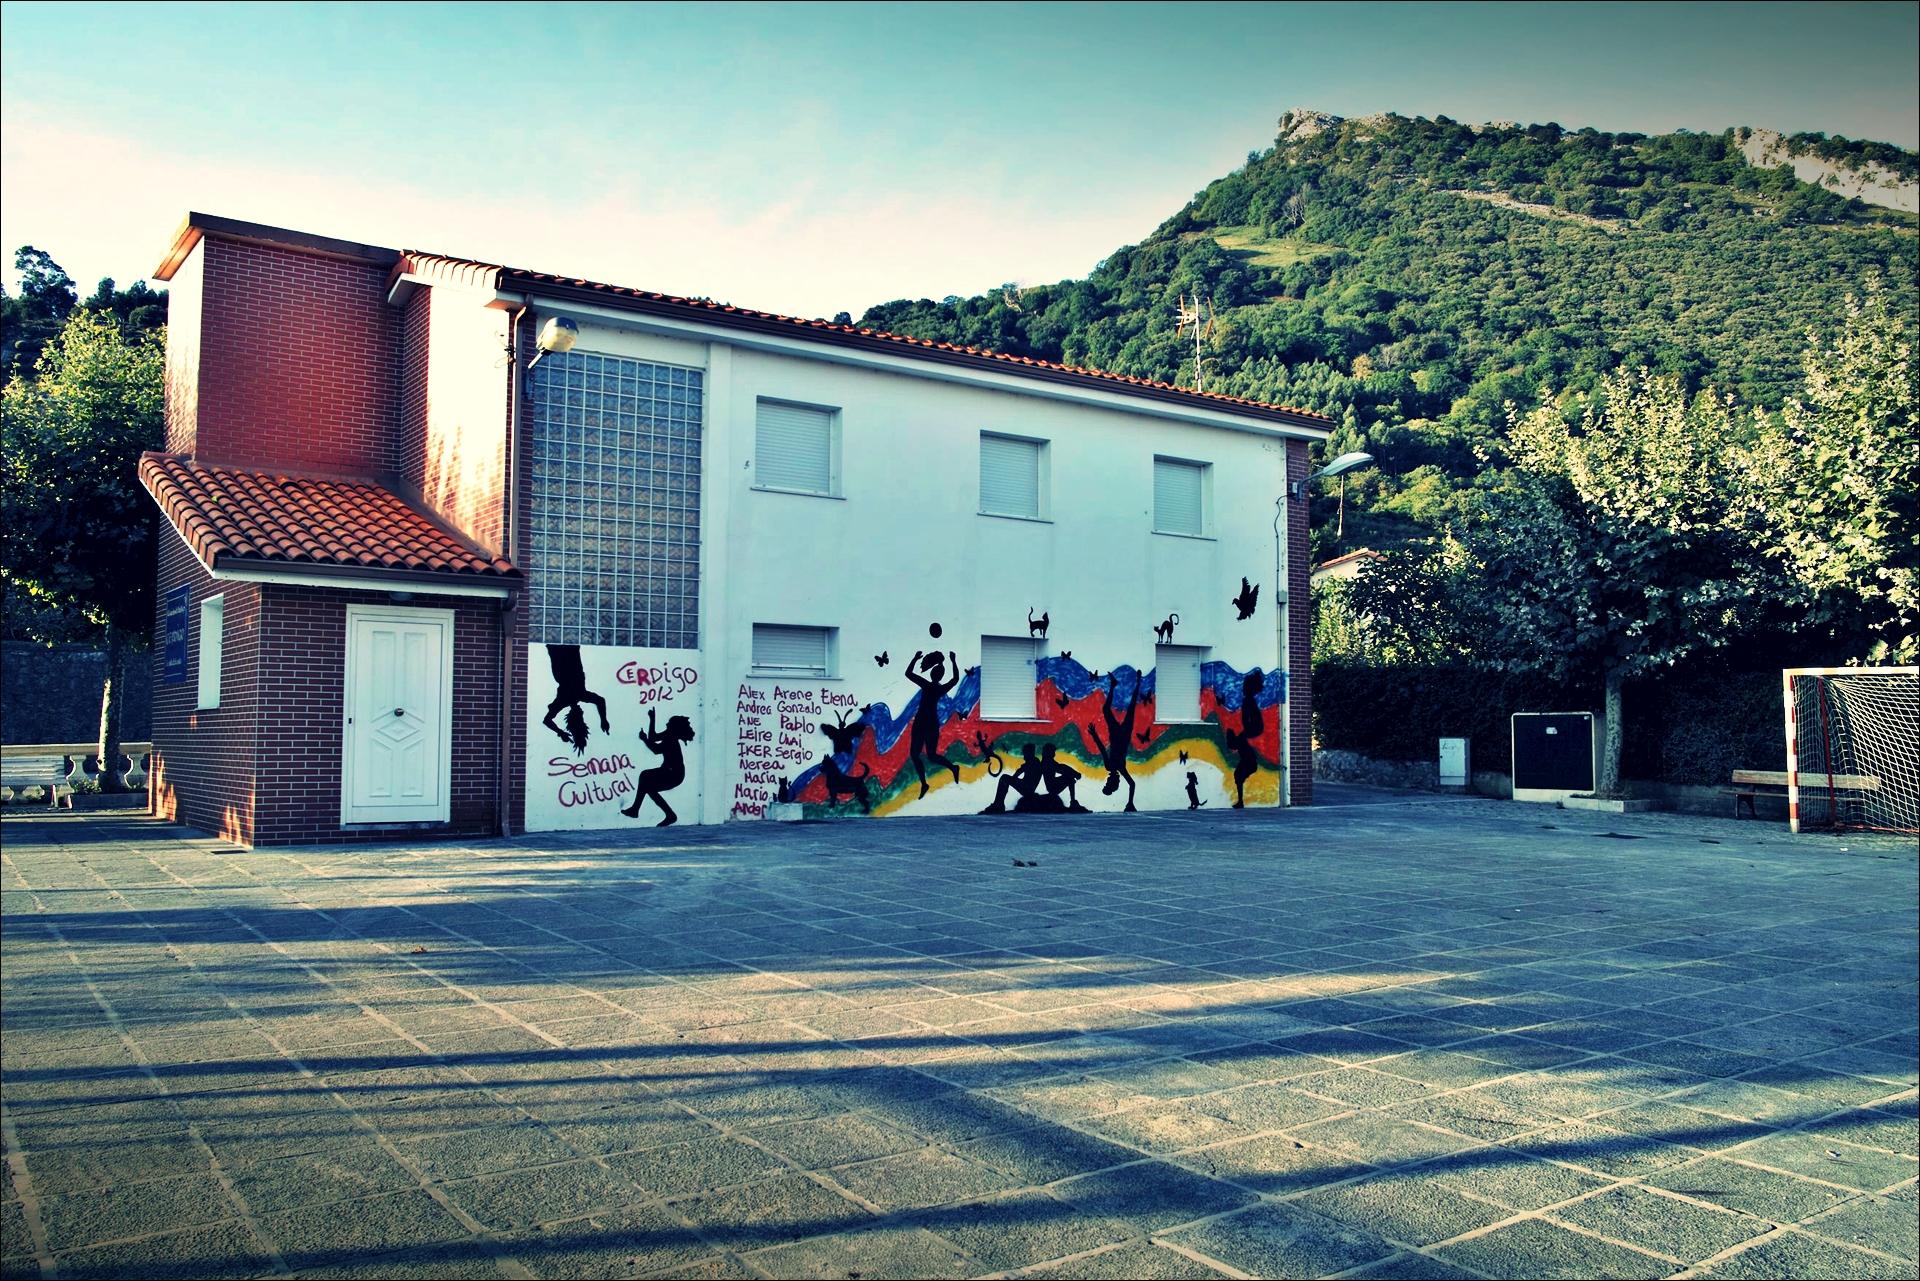 그라피티-'카미노 데 산티아고 북쪽길. 카스트로 우르디알레스에서 리엔도. (Camino del Norte - Castro Urdiales to Liendo) '